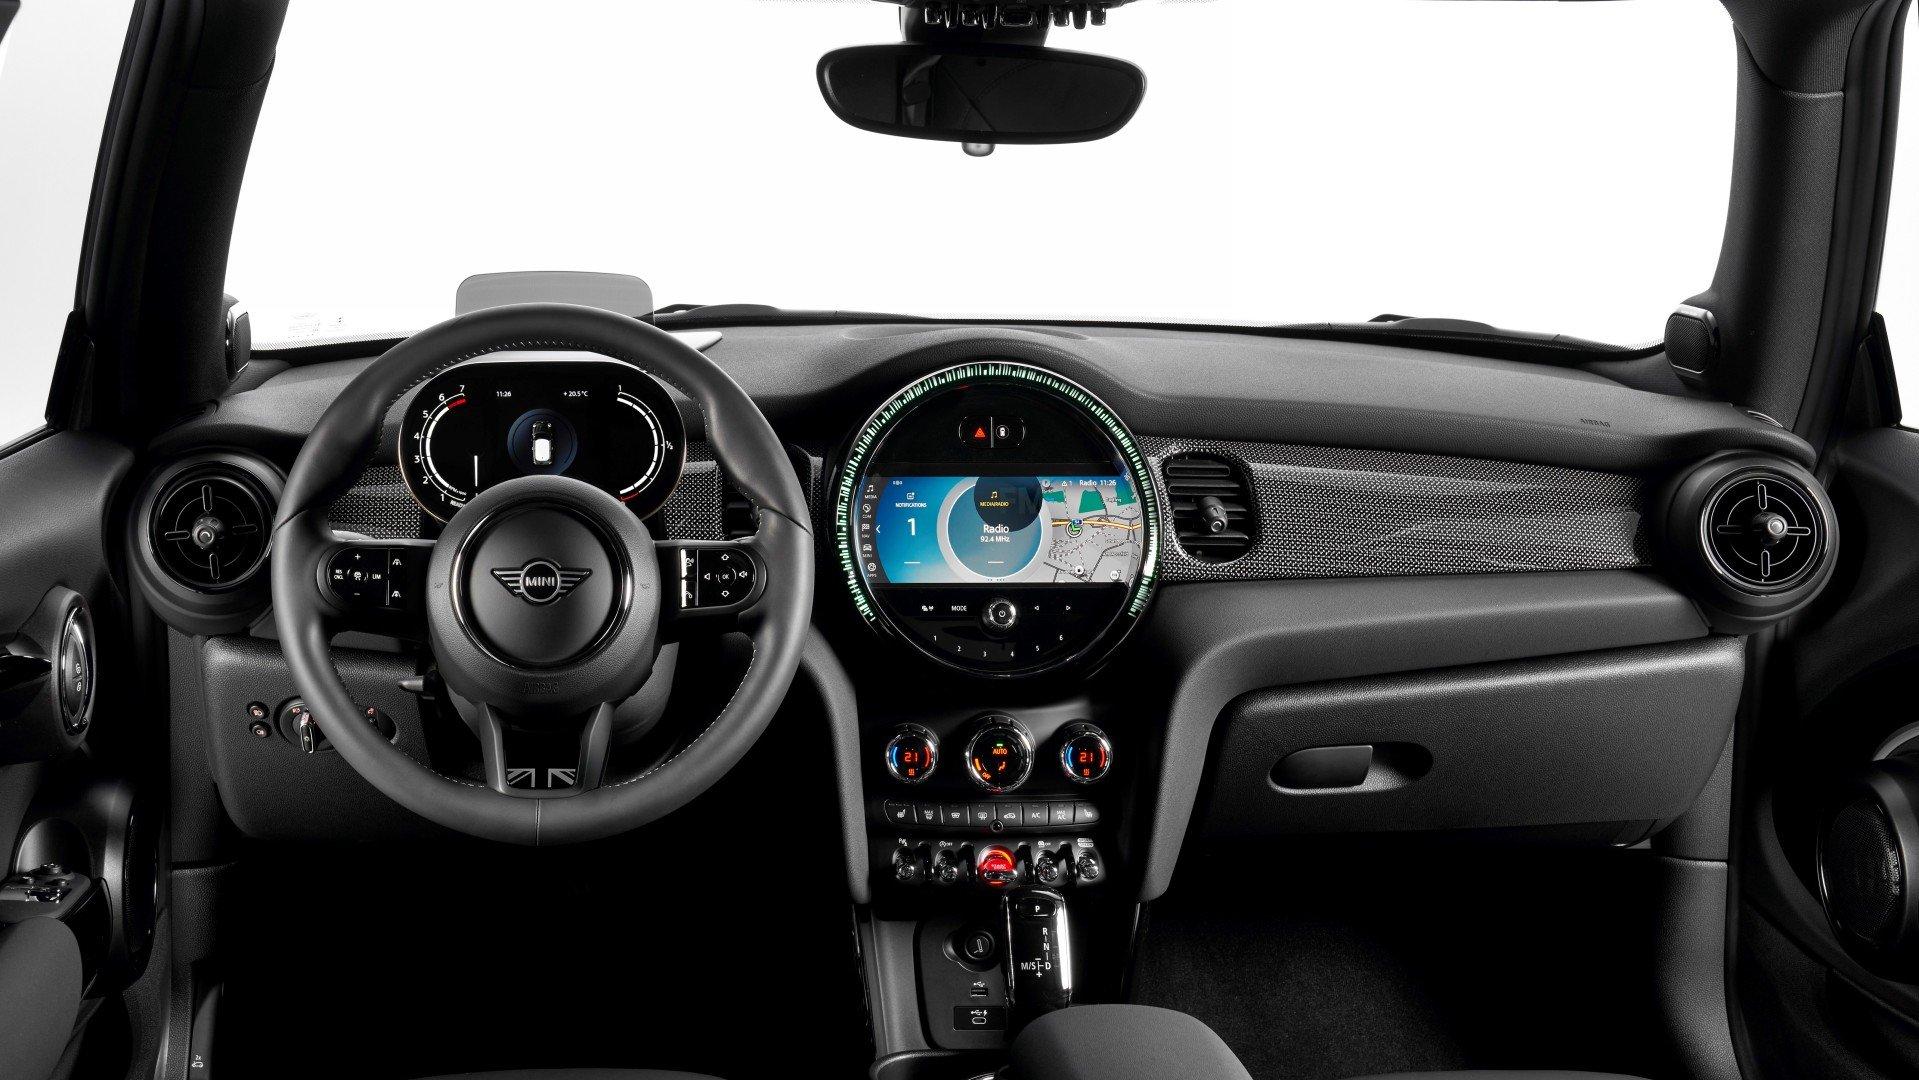 MINI Cooper S 3 Puertas 2021 (48)